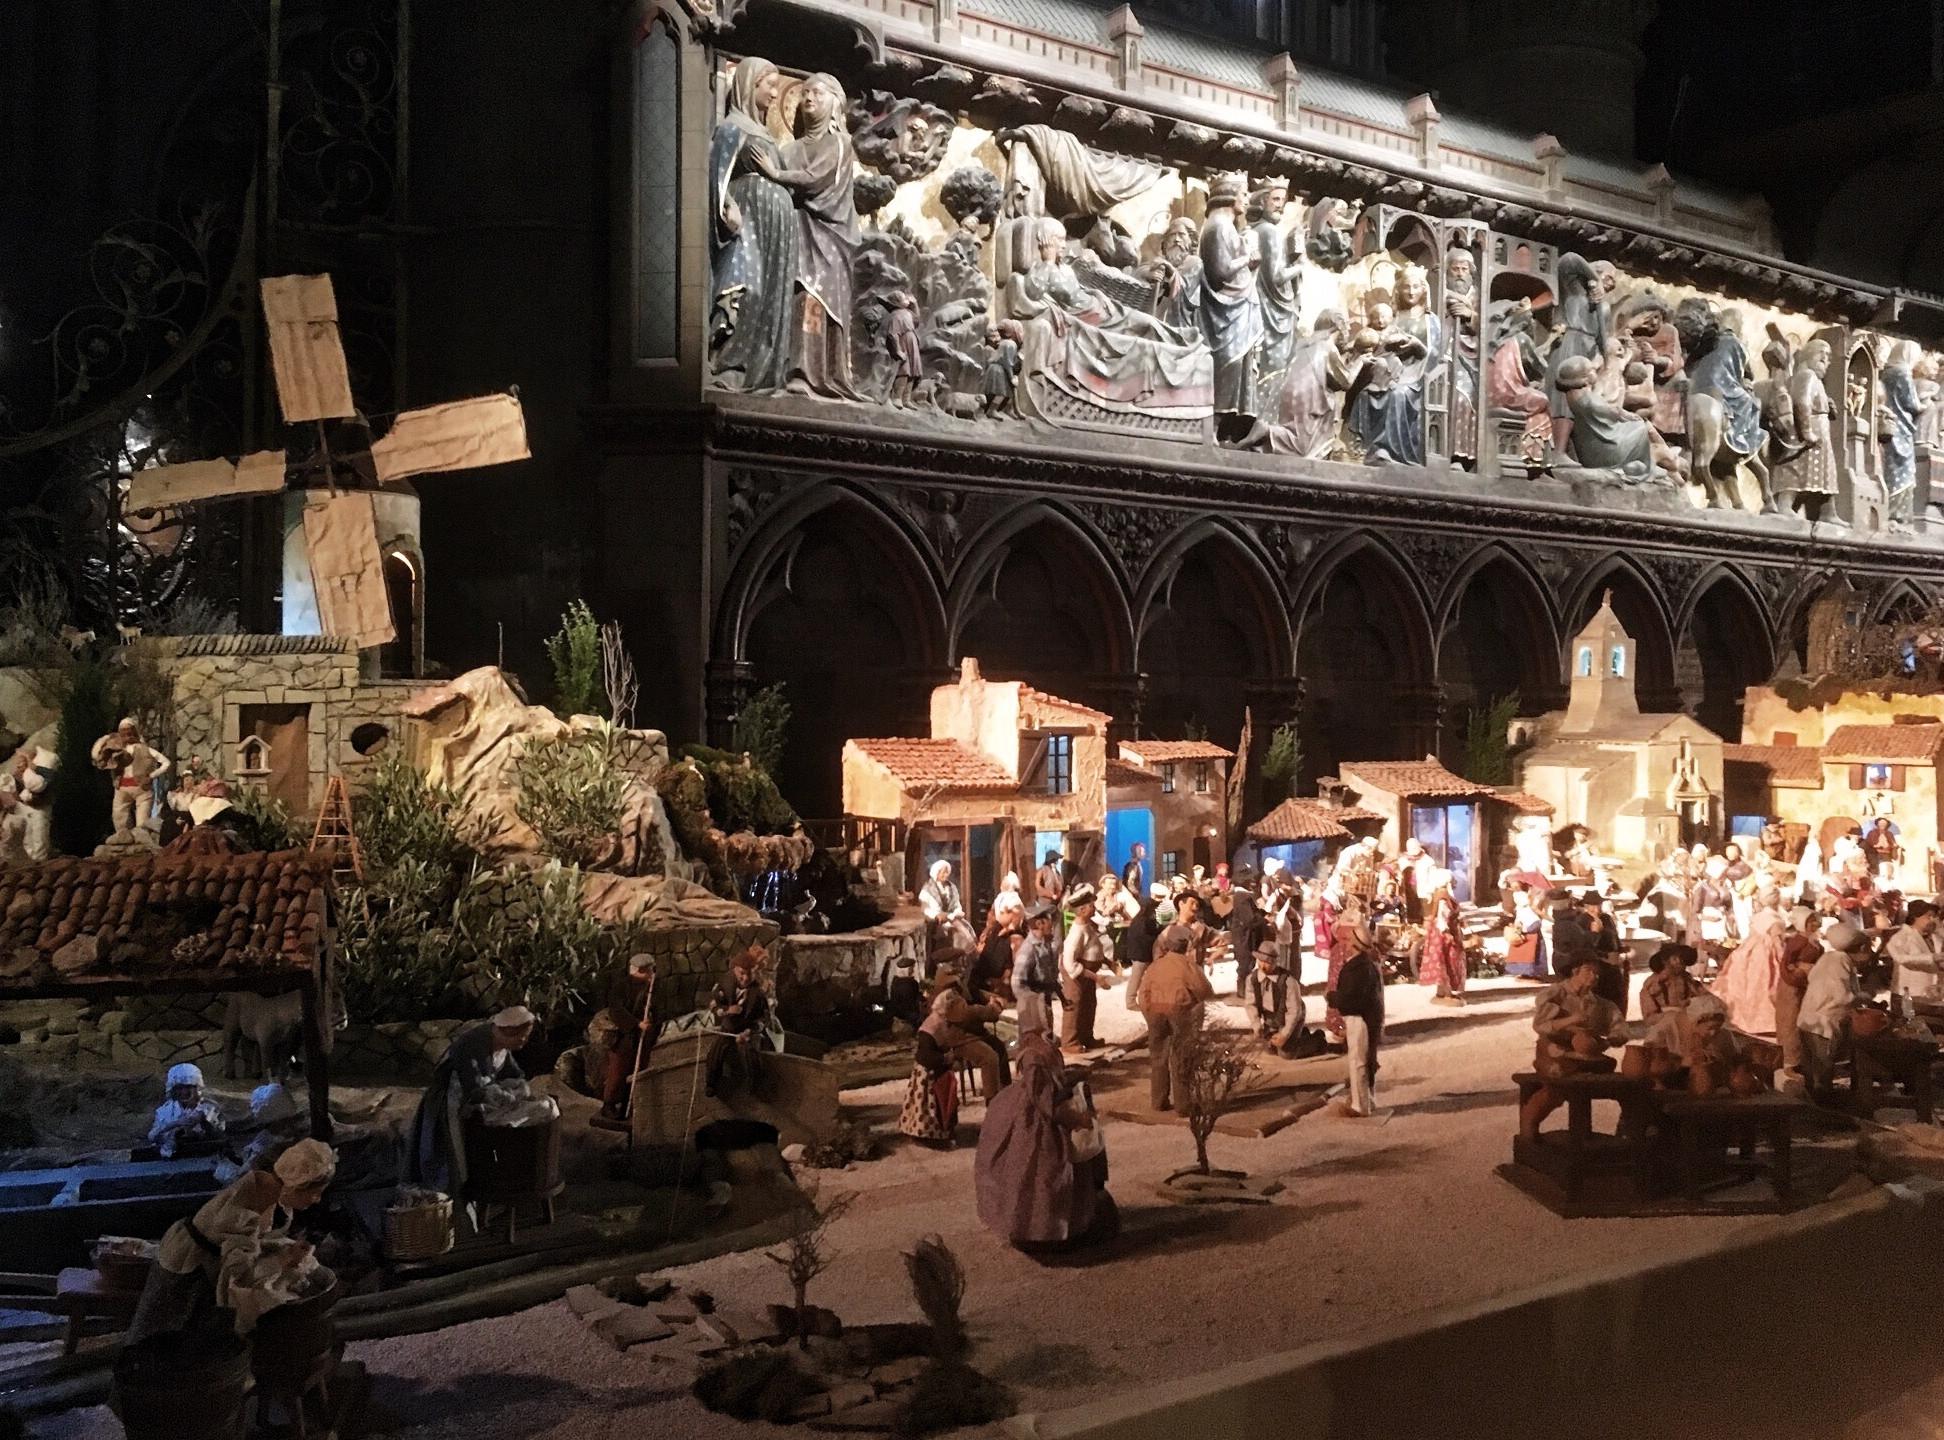 Notre Dame Nativity Scene